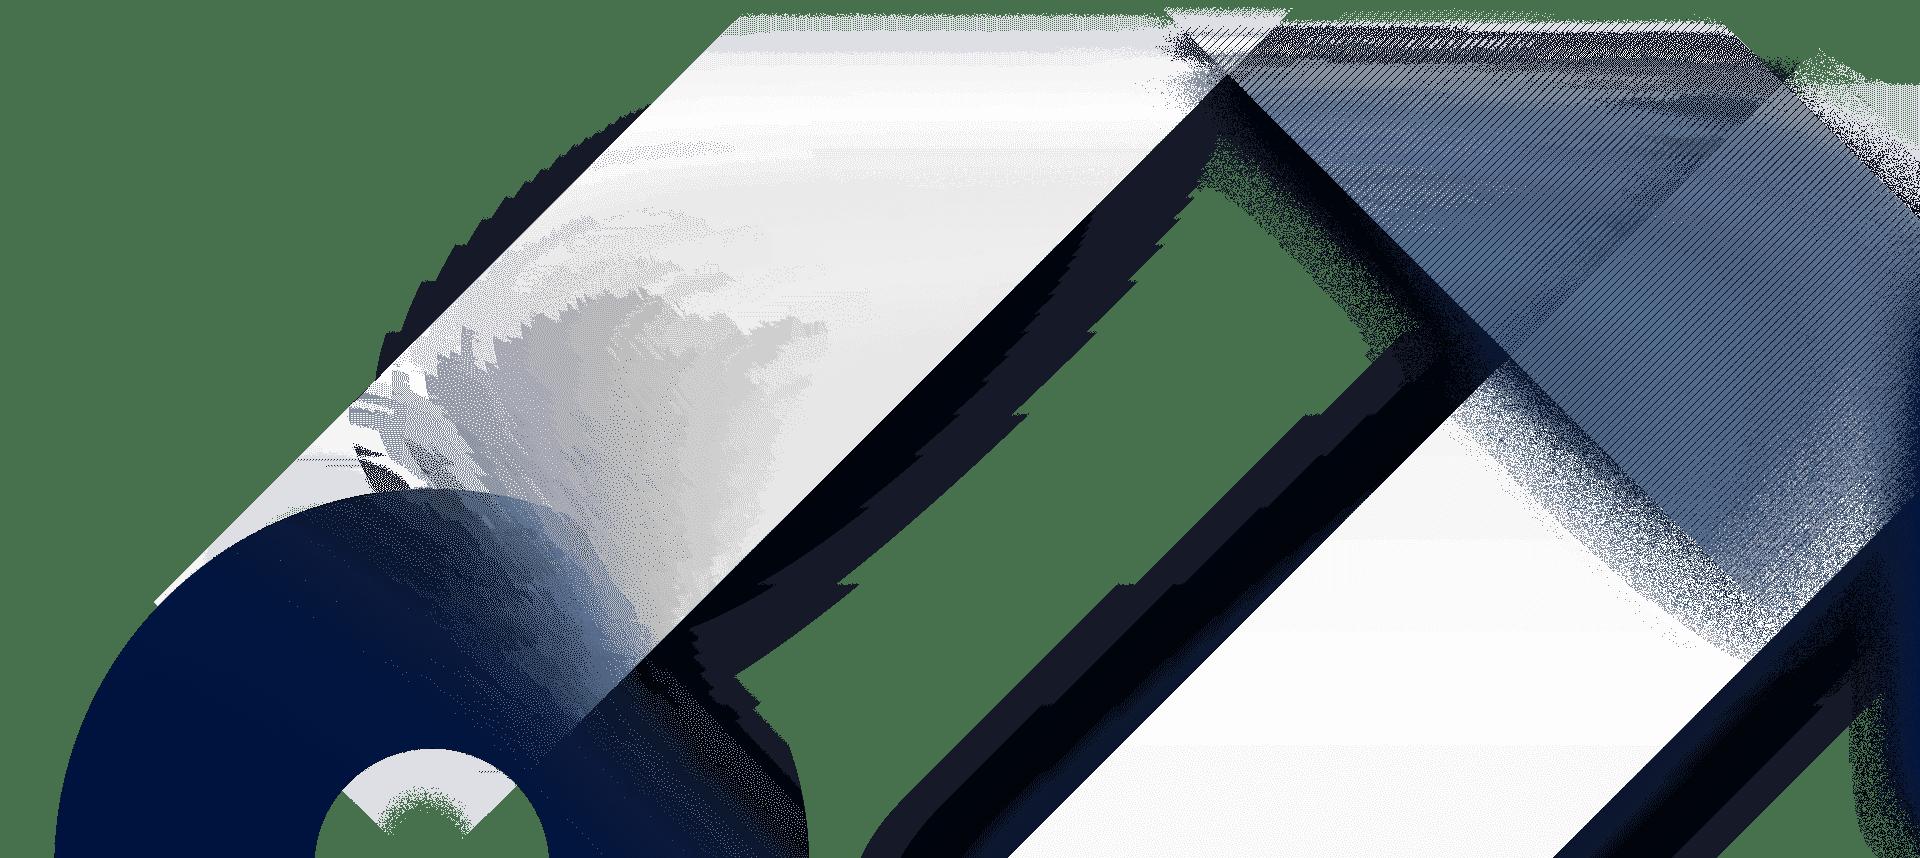 impermeabilizzazione tetto Milano asfalti